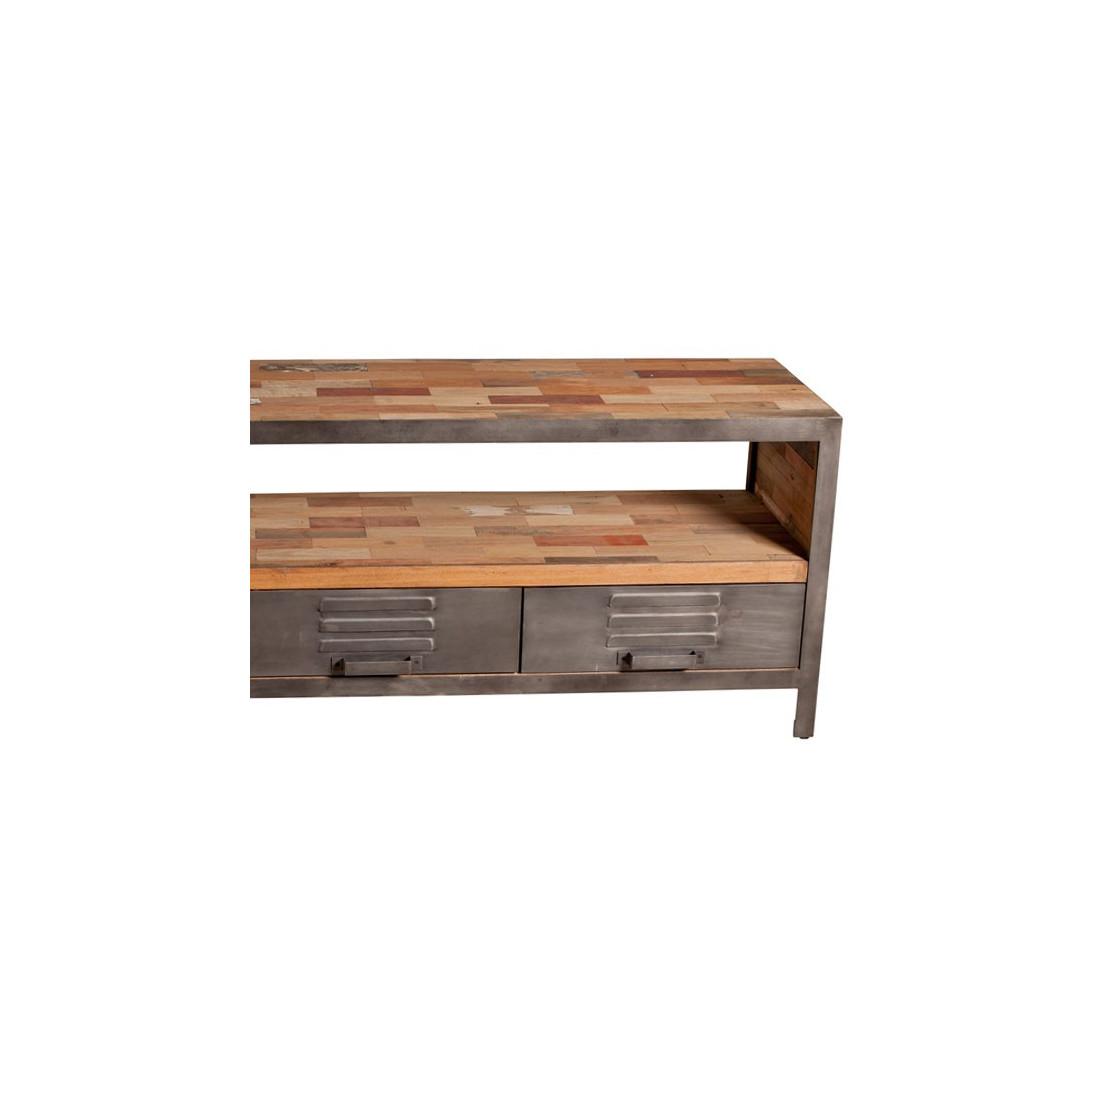 meuble tv 3 tiroirs 1 niche industriel bois fabrik univers salon. Black Bedroom Furniture Sets. Home Design Ideas